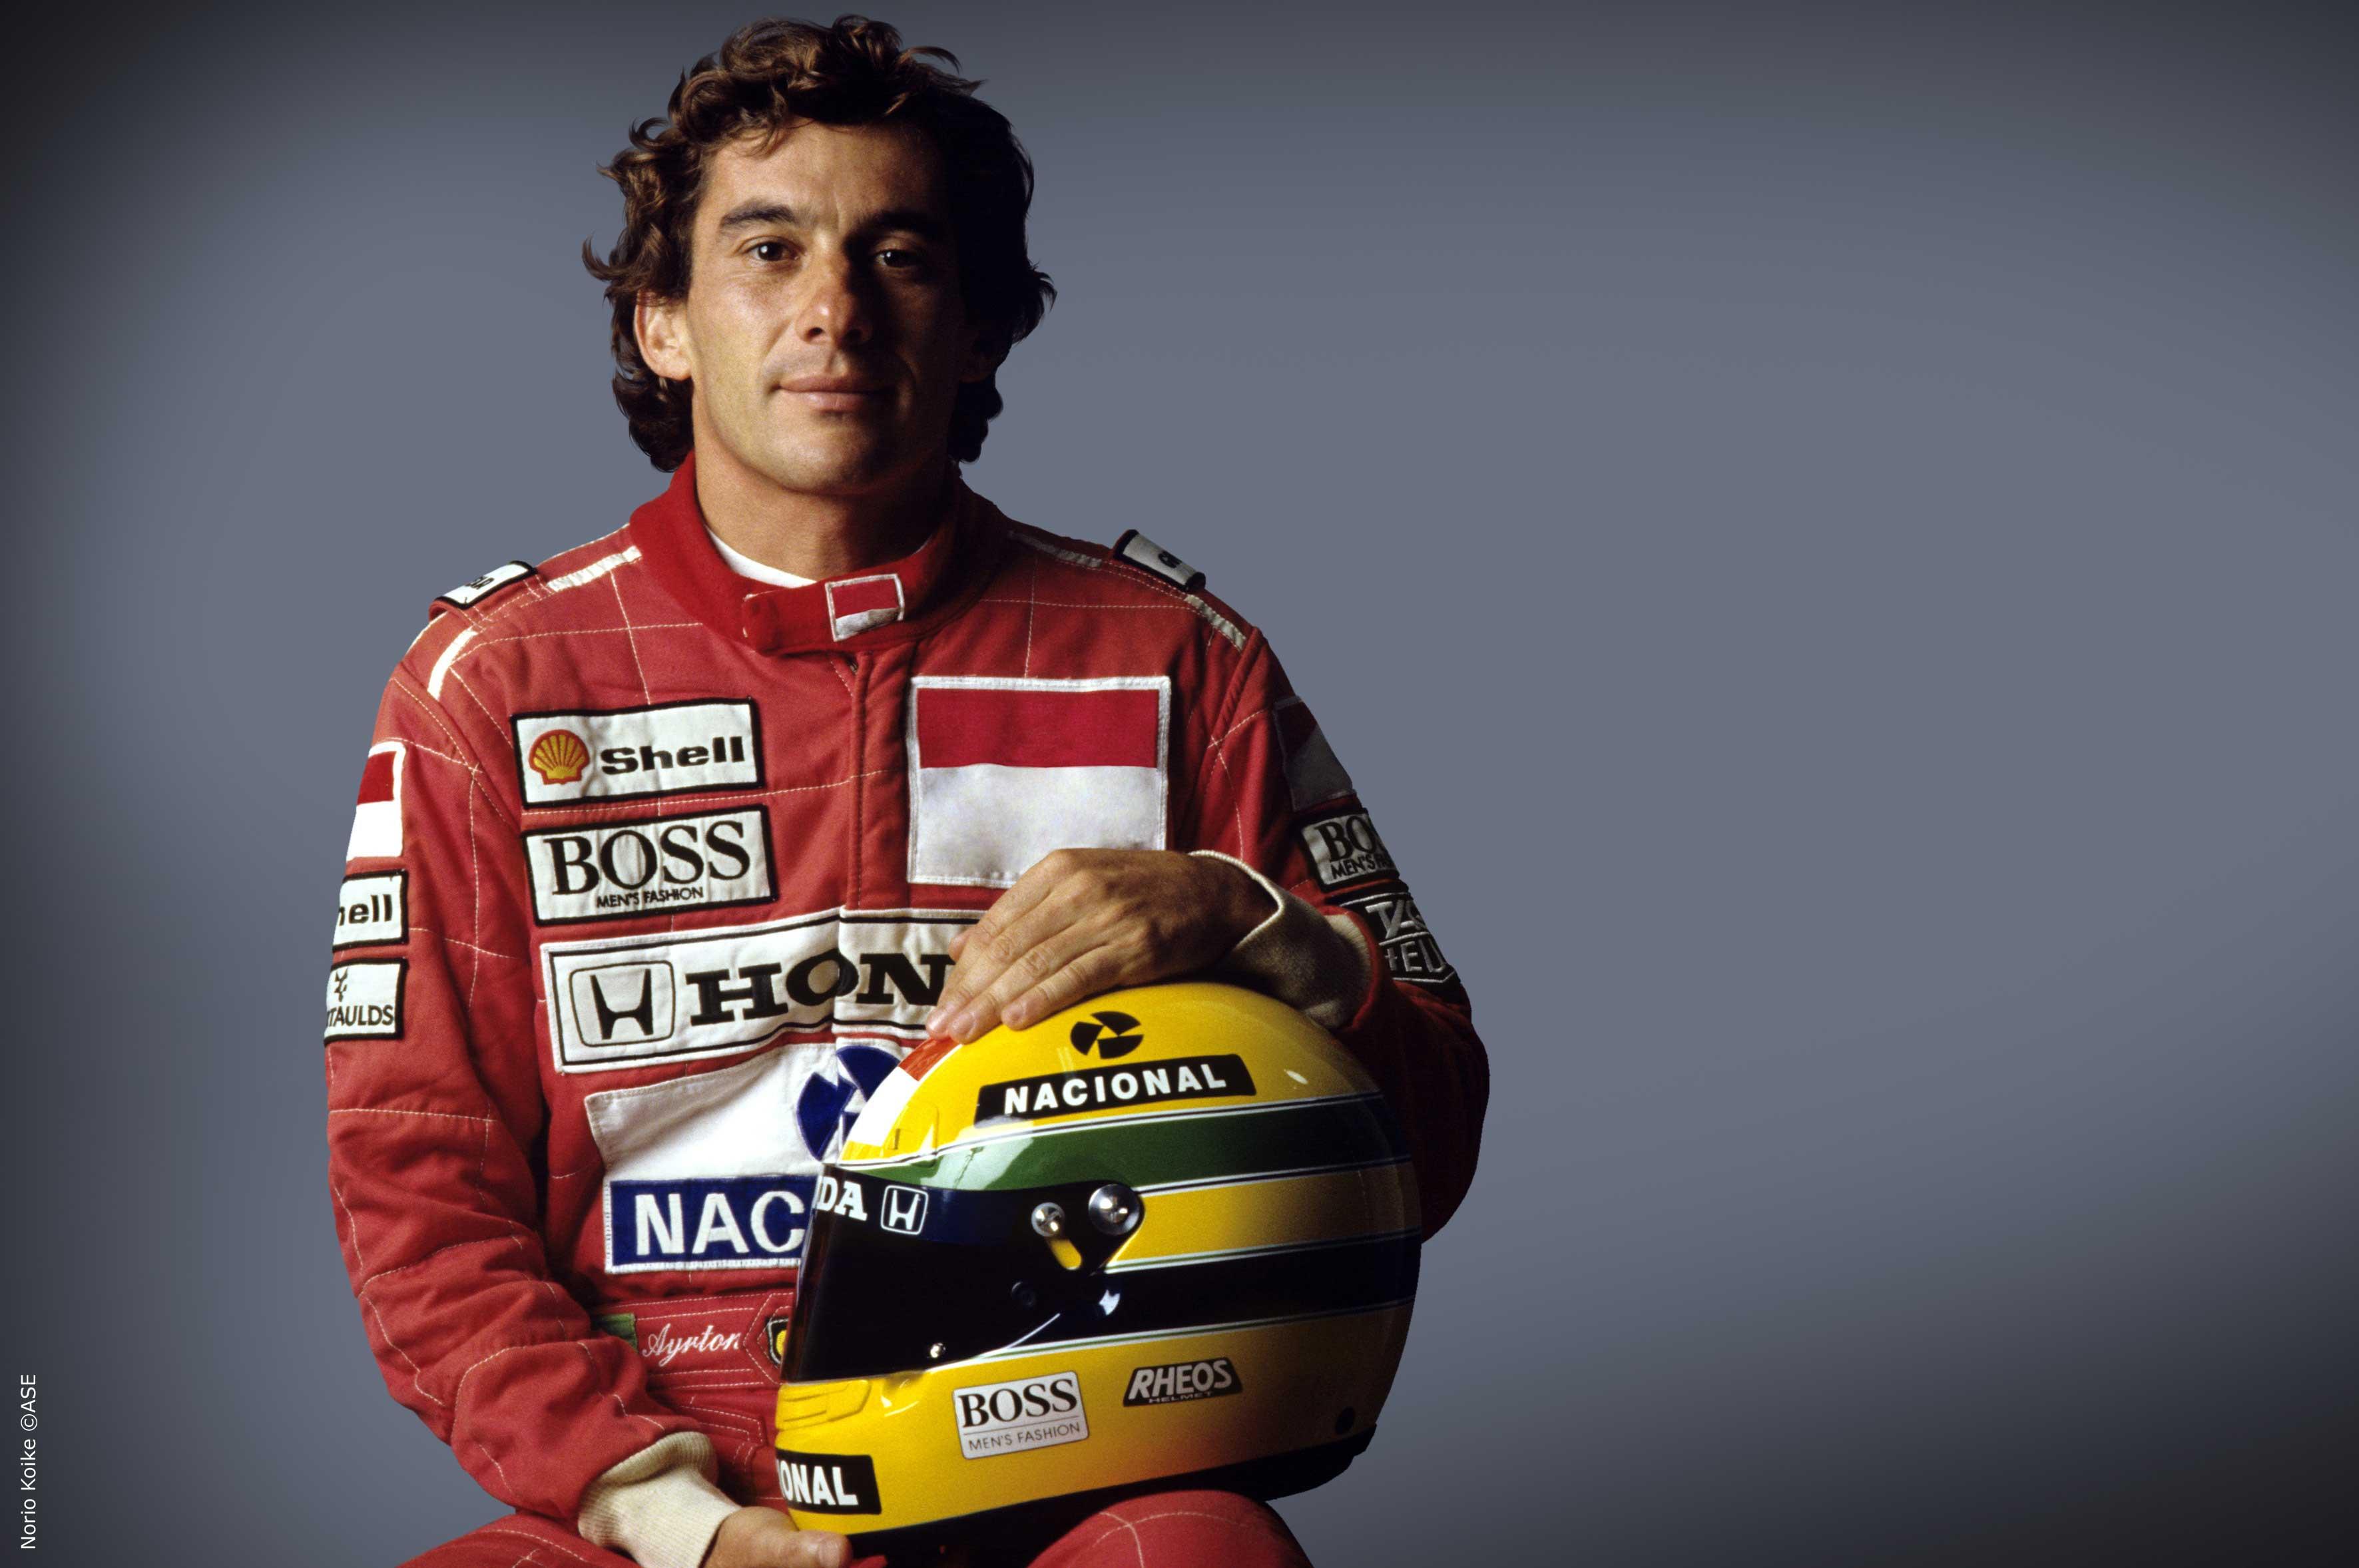 Foto Ayrton Senna by Norio Koike @ASE